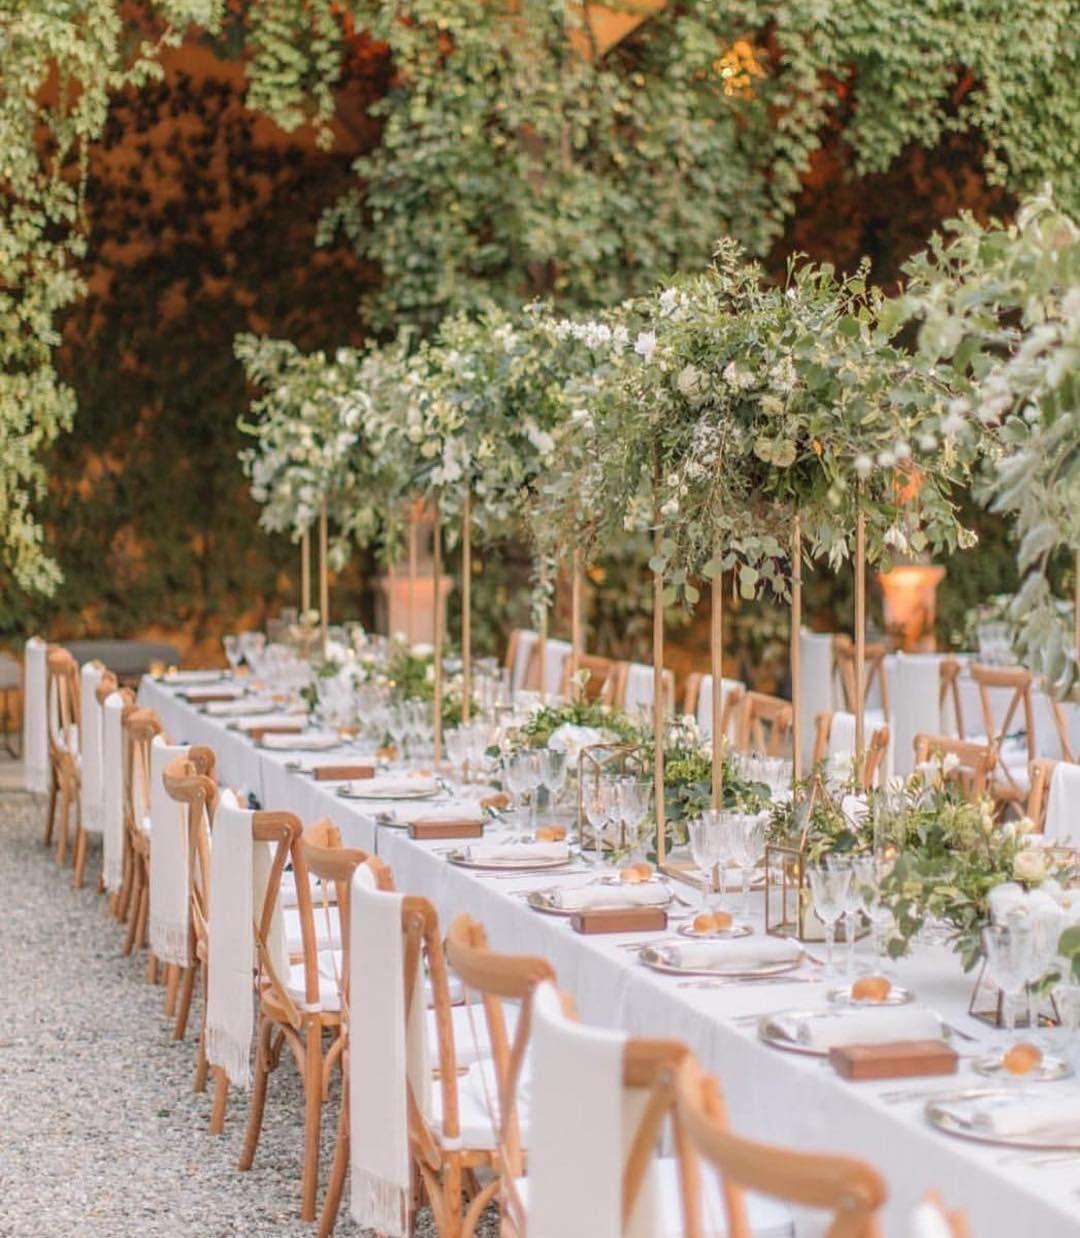 Deepveer Wedding Deepika Broke Into Tears After Ranveer S Speech Rustic Italian Wedding Rustic Wedding Decorations Outdoor Ceremony Decorations Outdoor